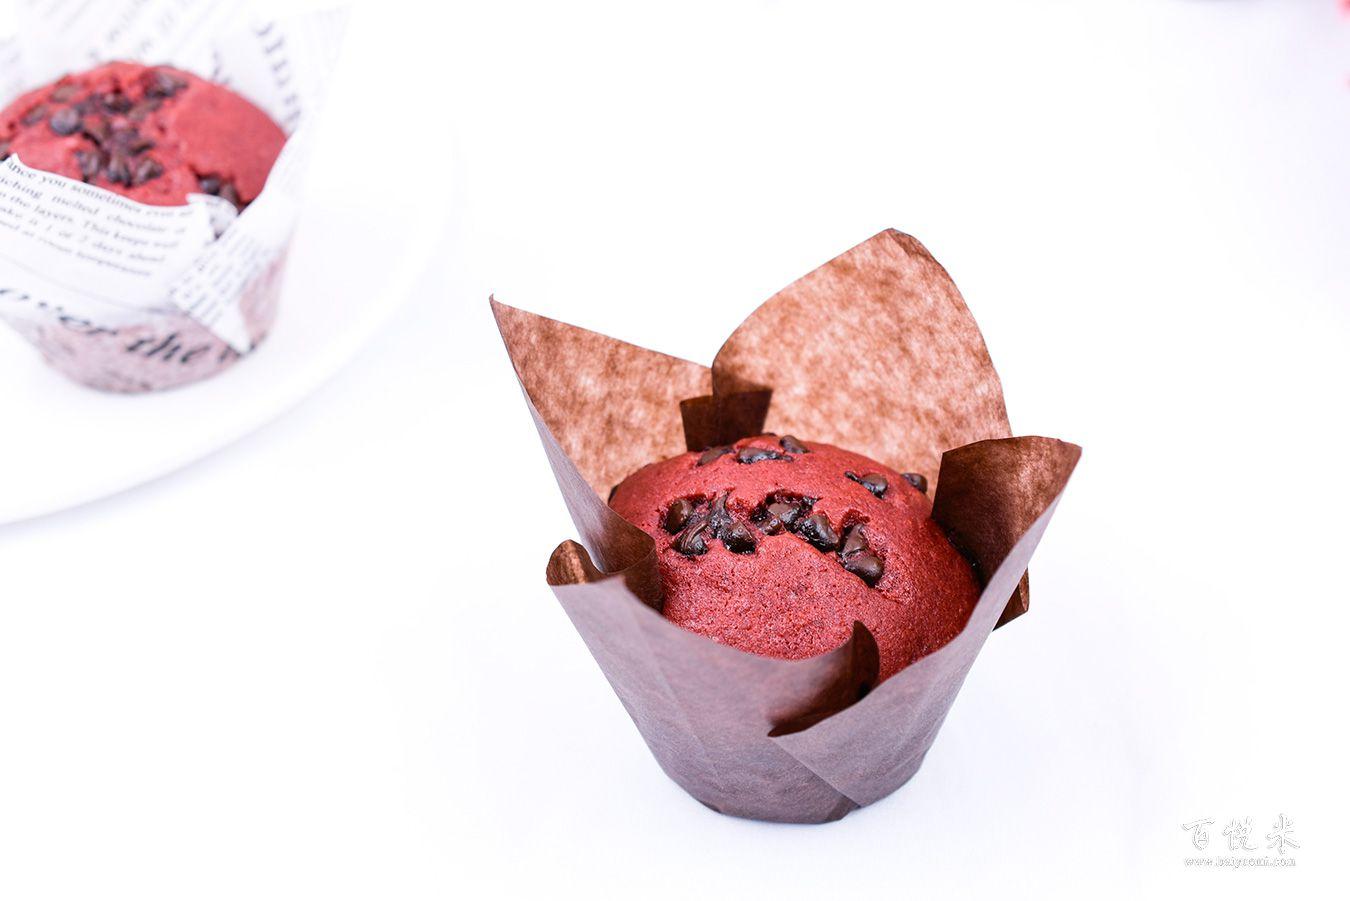 红丝绒玛德琳蛋糕高清图片大全【蛋糕图片】_397